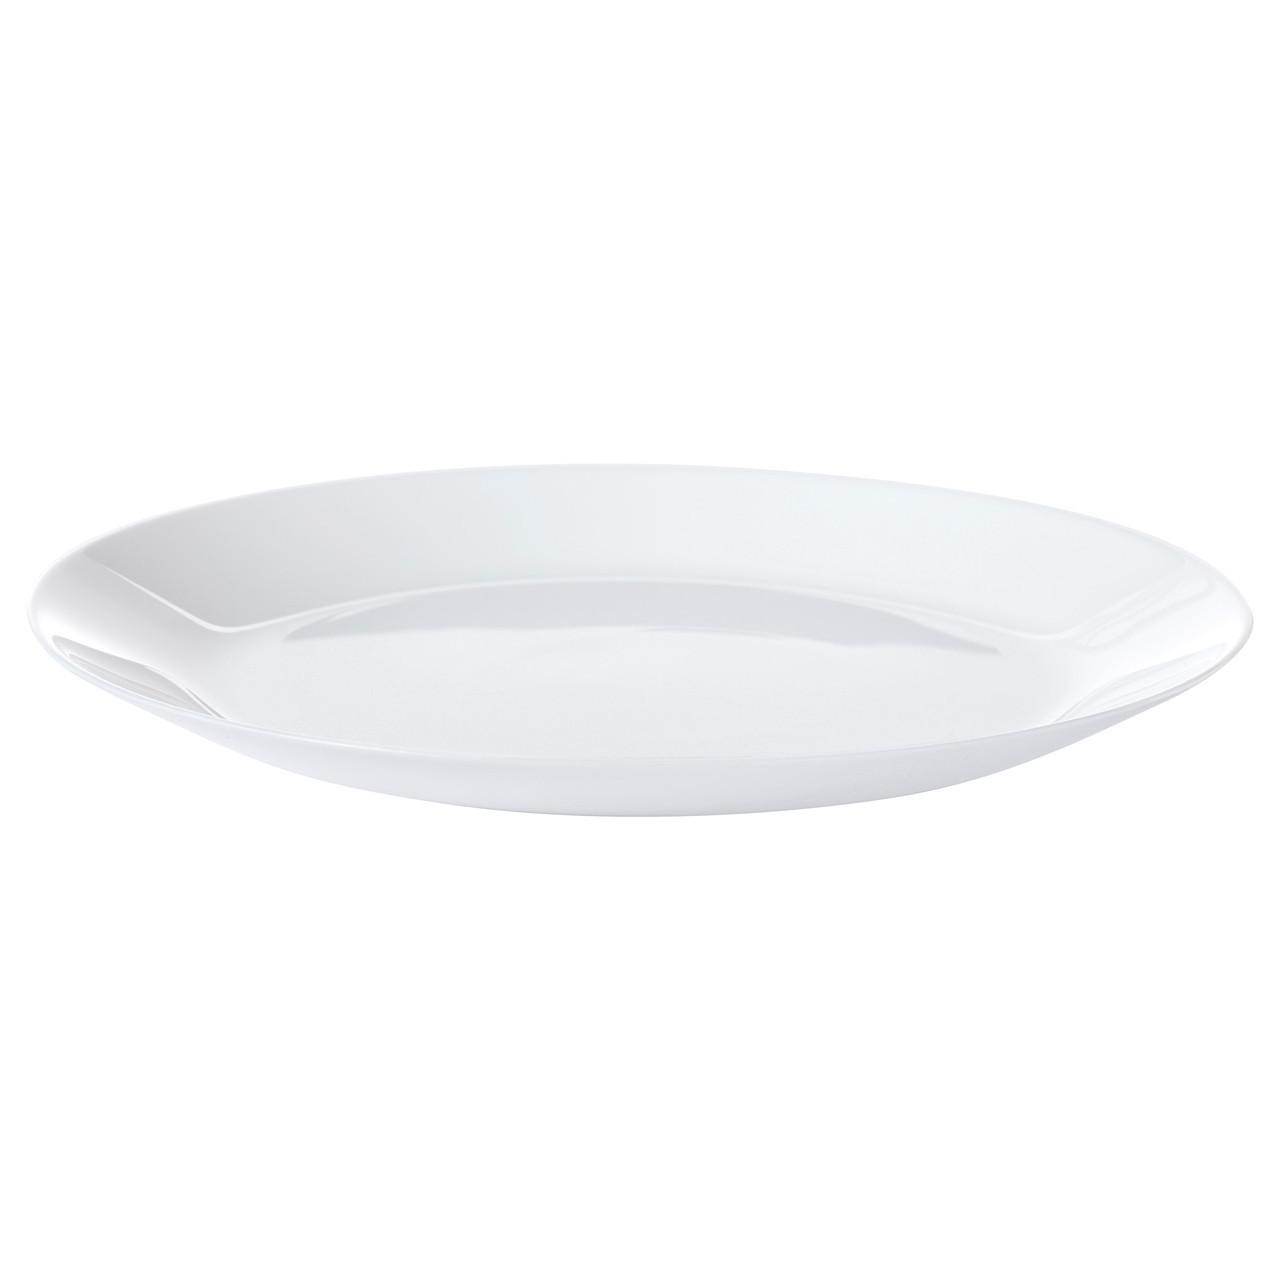 Тарелка икеа OFTAST, белая, 25 см , IKEA, 302.589.13